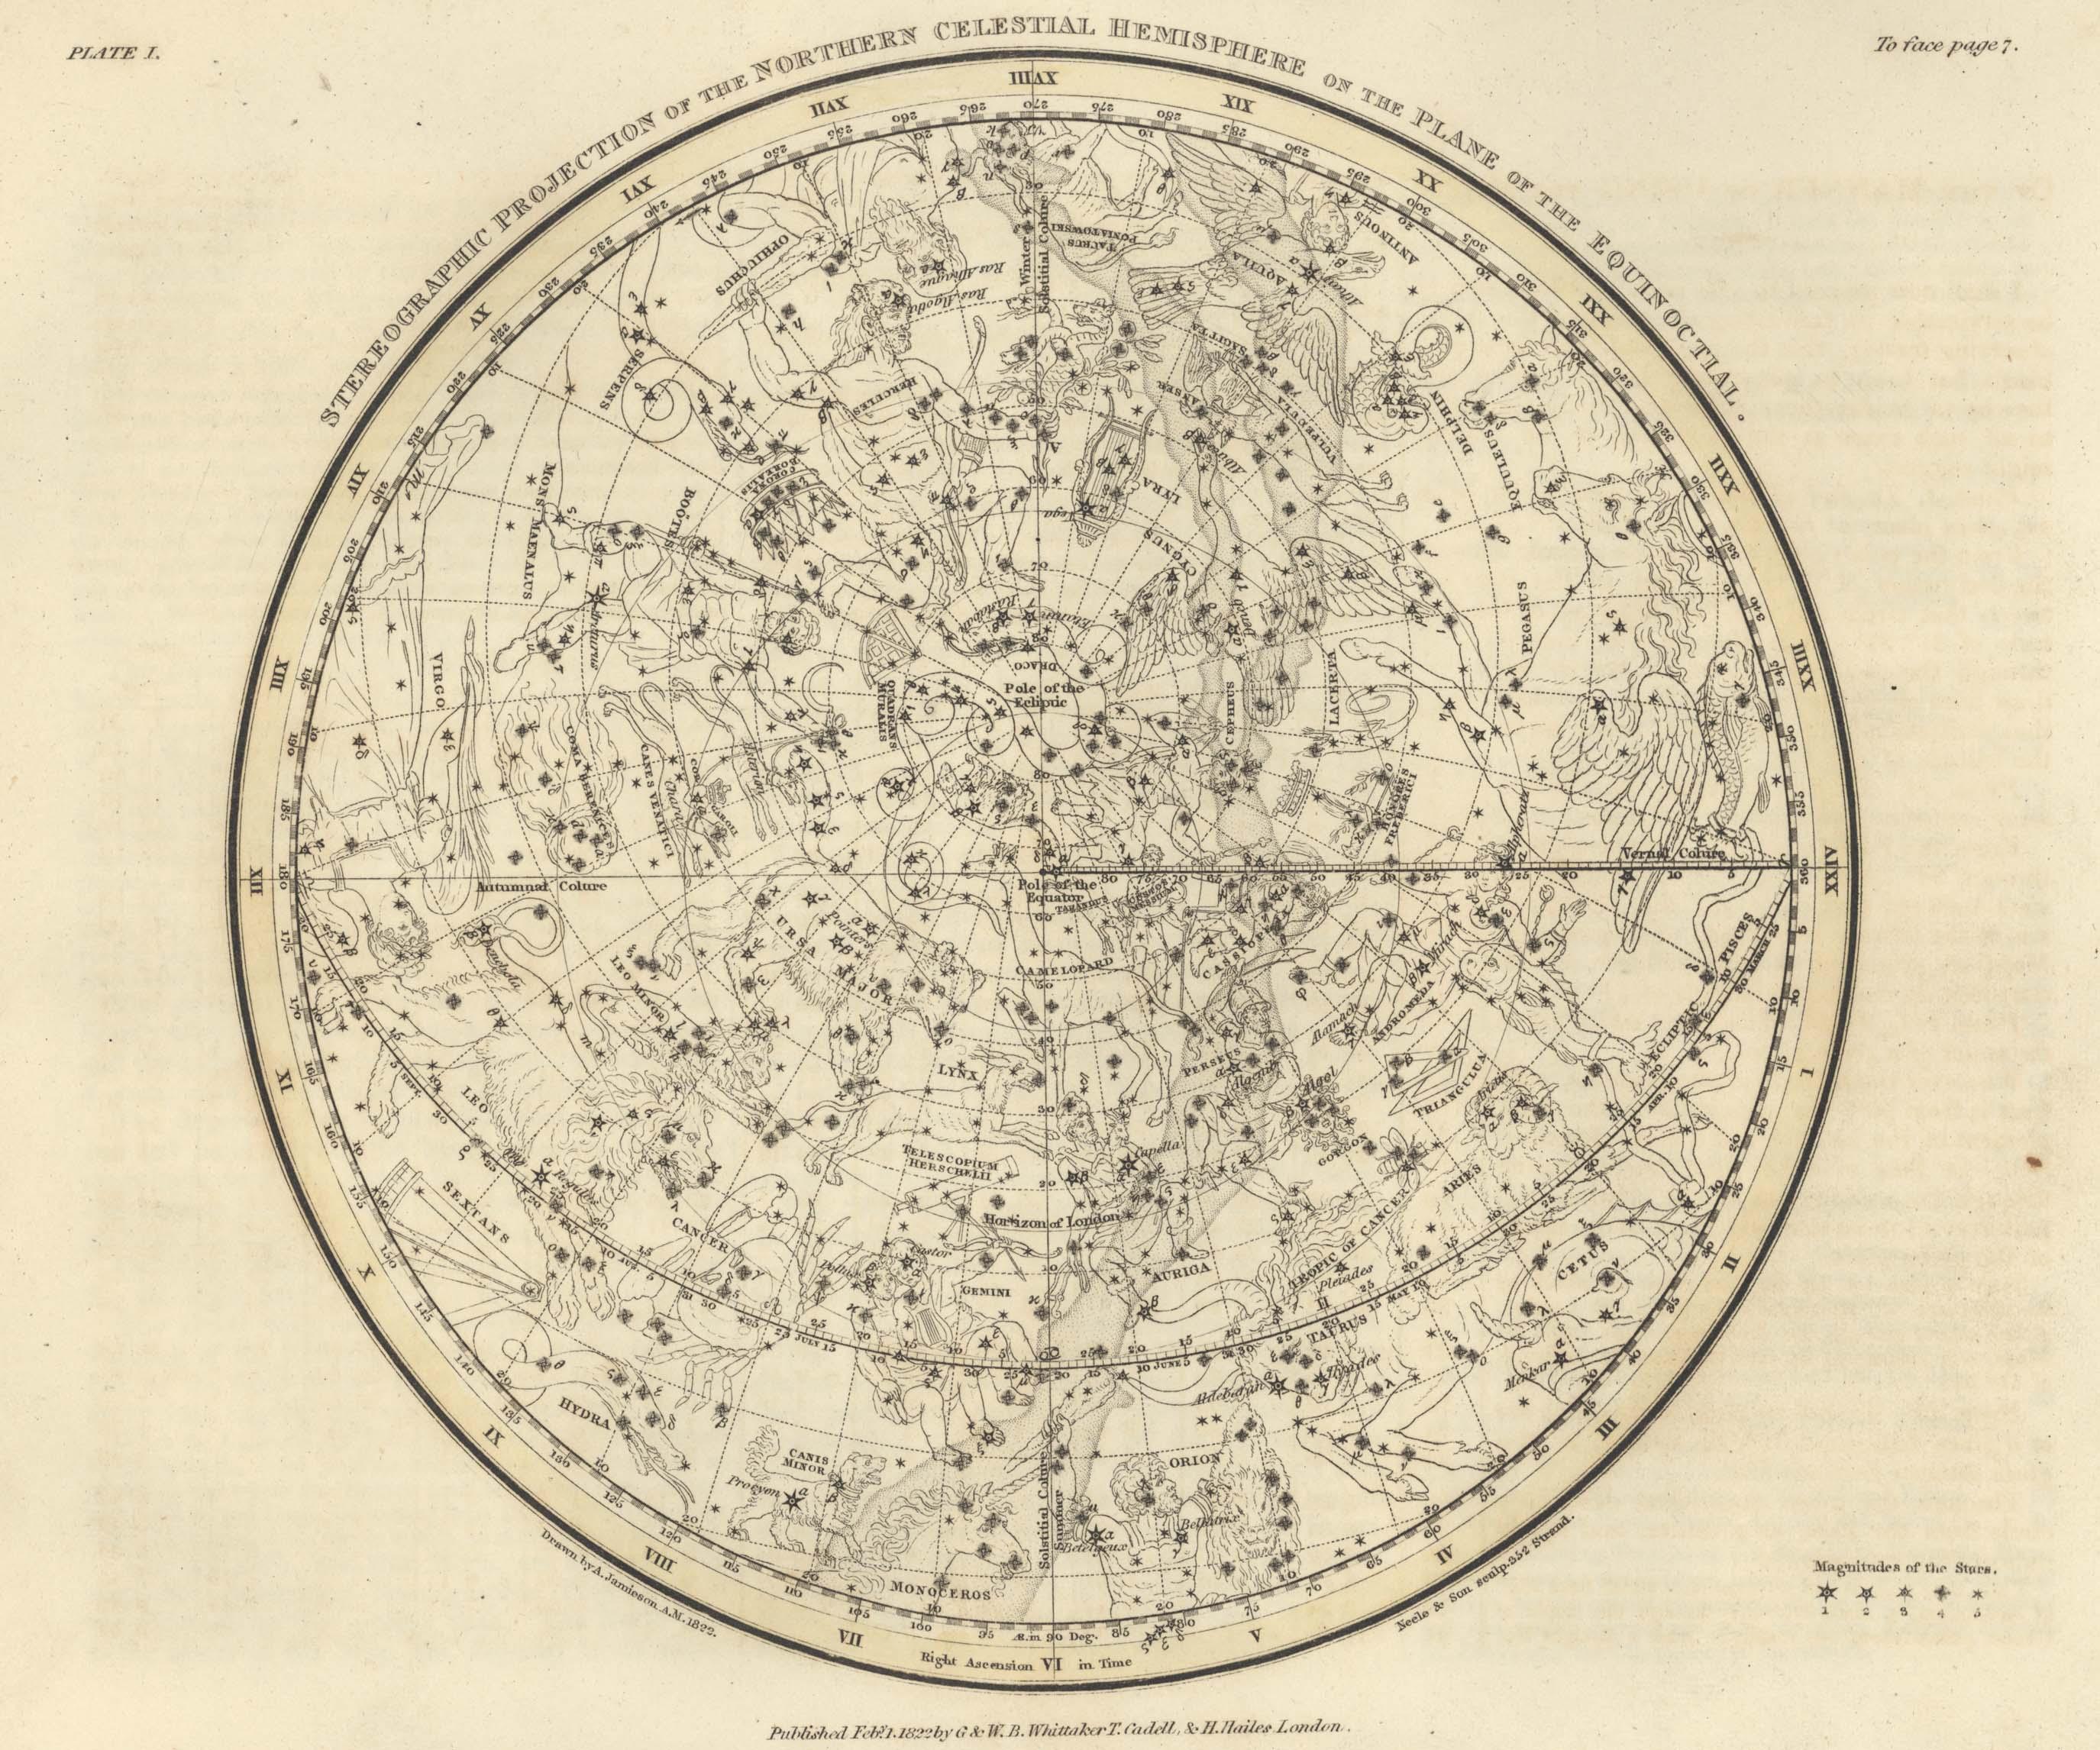 Страница №4: Изображение Северной полусферы